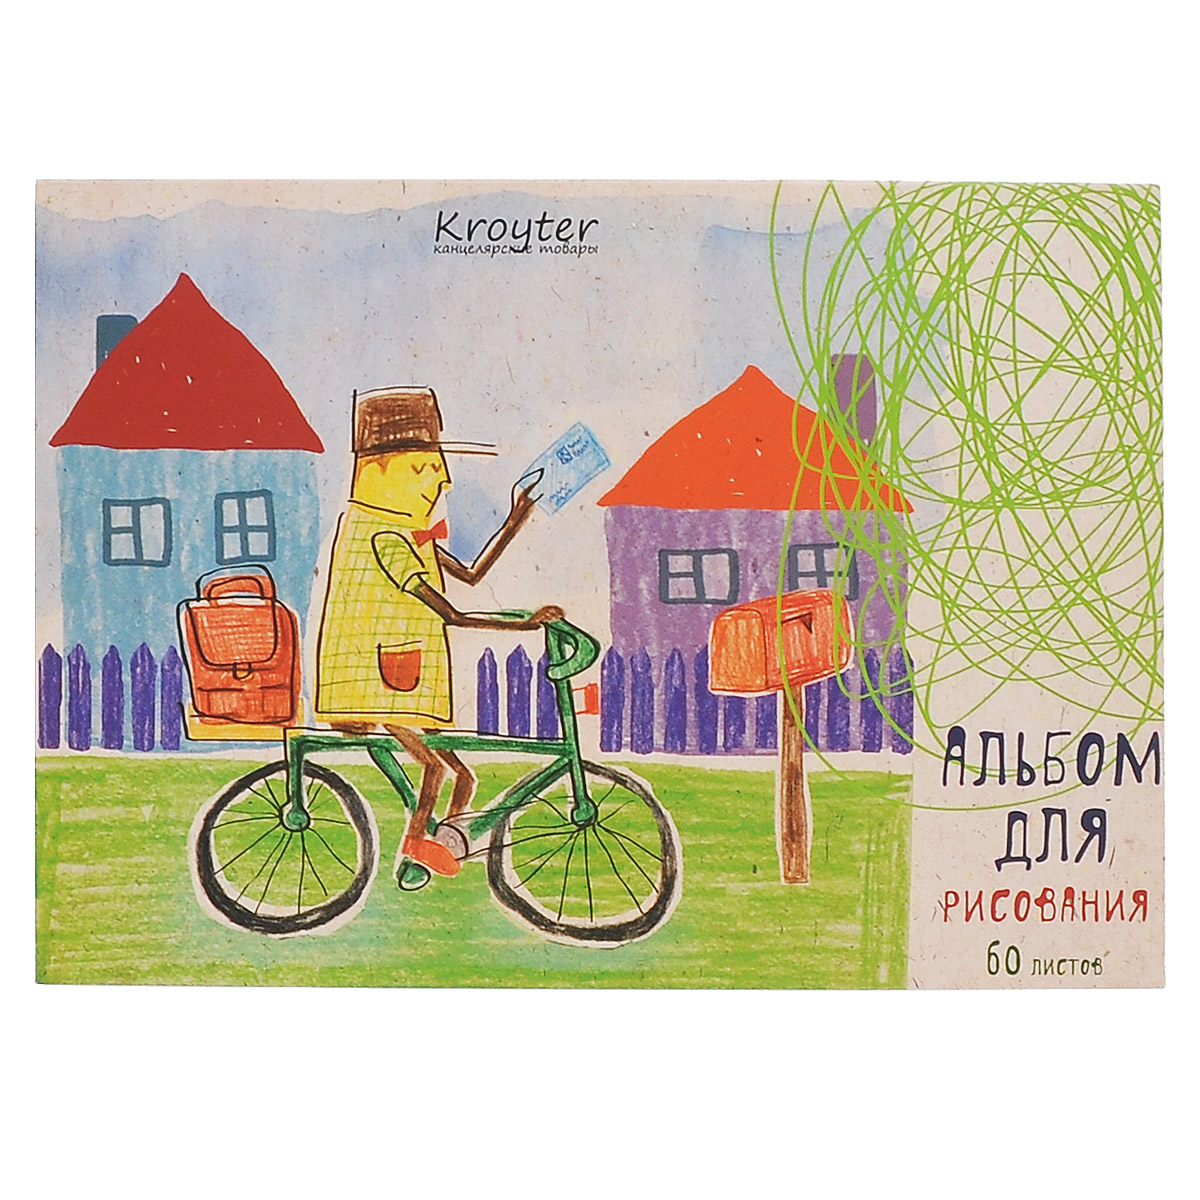 Альбом для рисования Kroyter, формат A5, 60 листов05923Альбом Kroyter предназначен для эскизов и рисования, подходит для работ тушью. Внутренний блок - на склейке с твердой картонной подложкой, что позволяет использовать альбом вне дома. Обложка, изготовленная из высококачественного импортного картона, имеет стильный и современный дизайн.